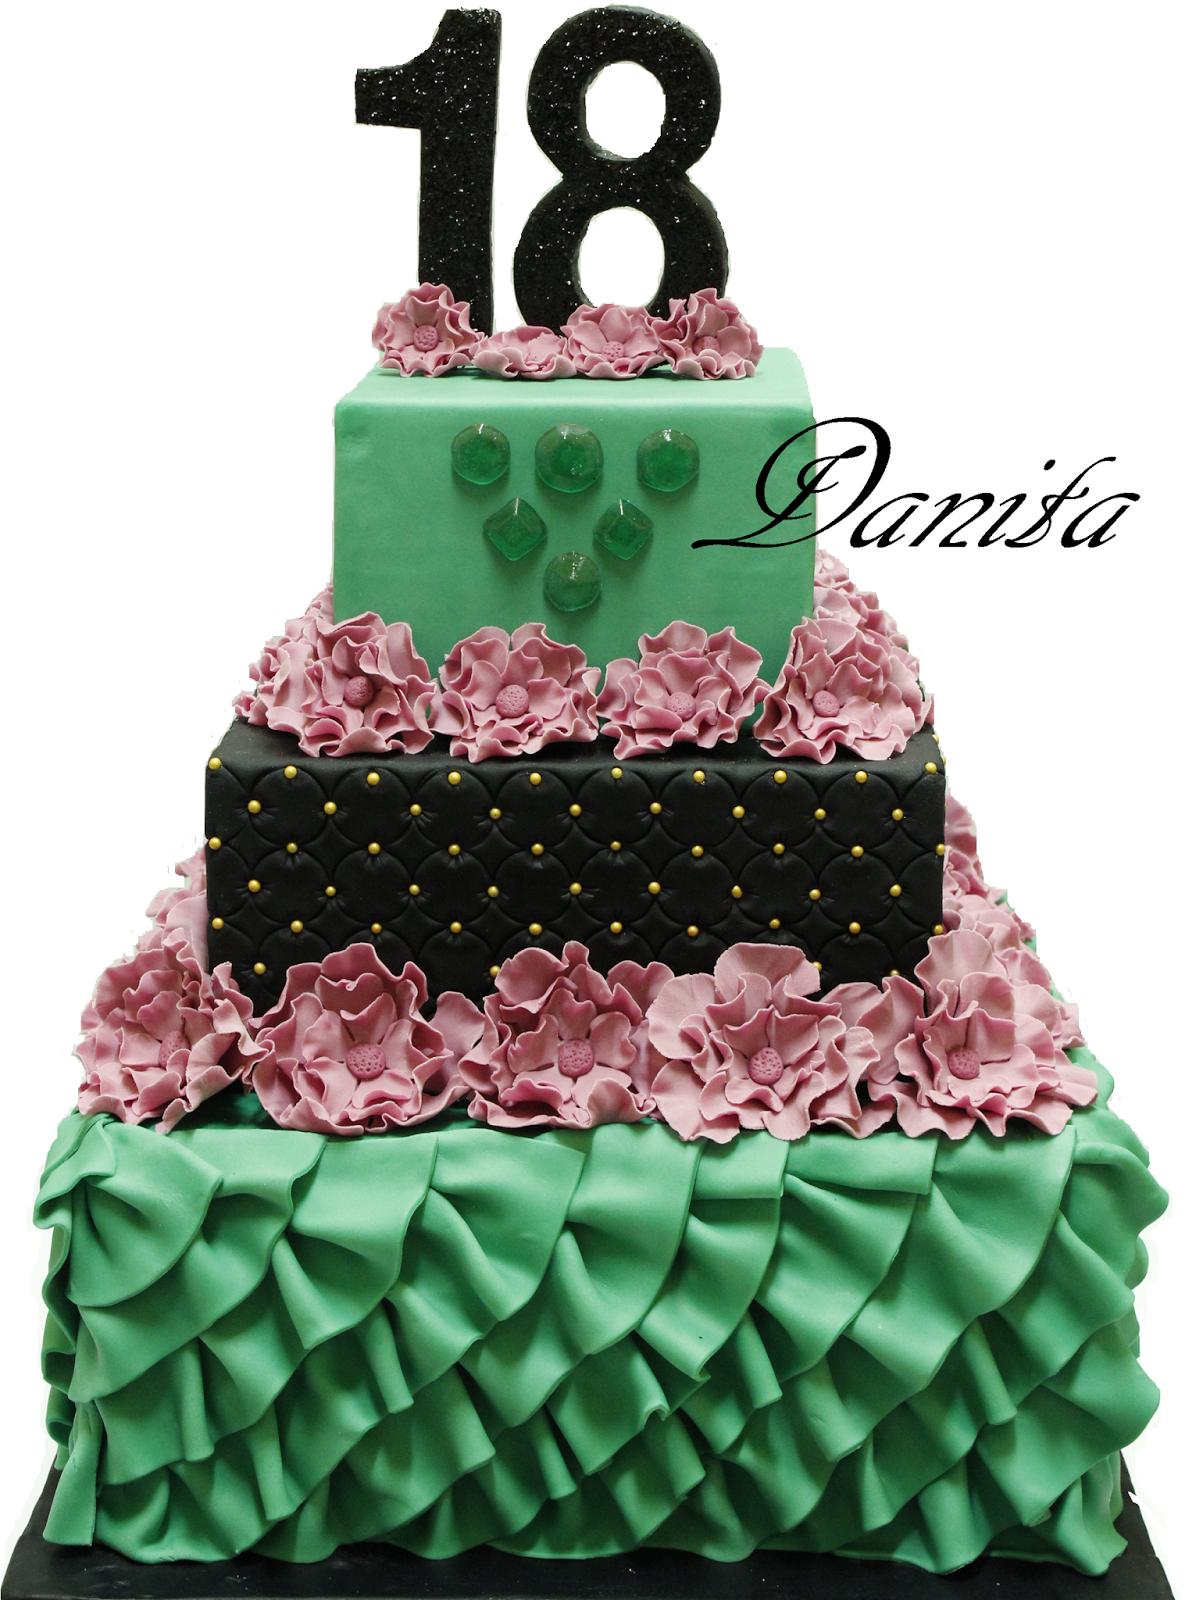 Le leccornie di danita torta fashion per 18 anni for Torte per 18 anni maschile